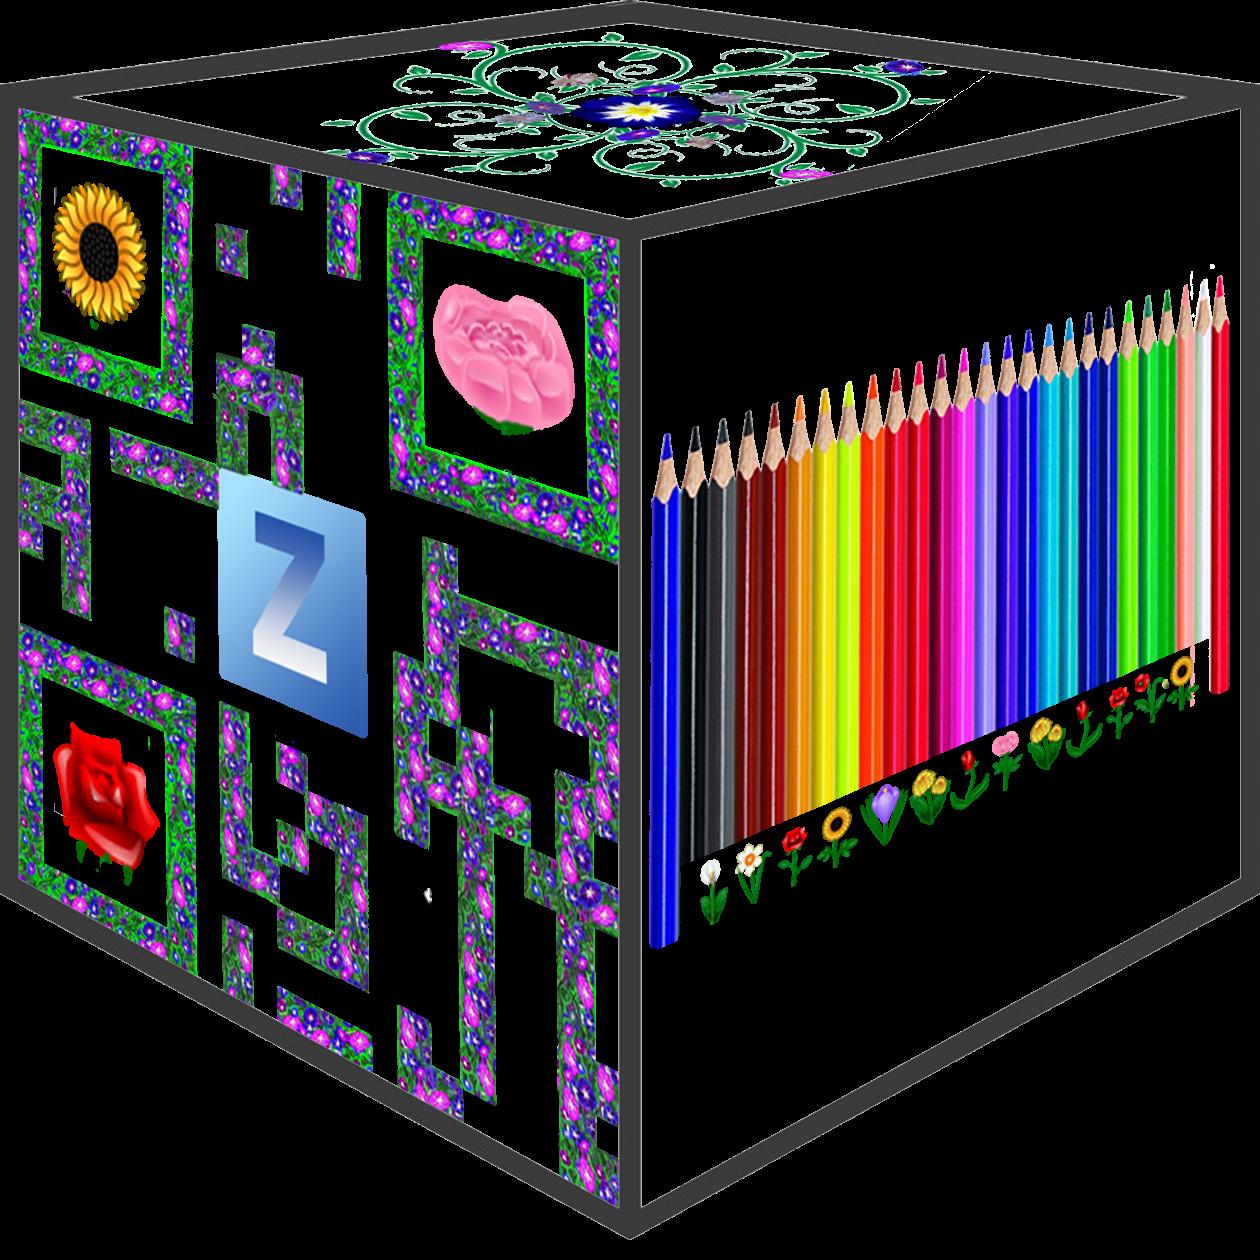 Image to the word Красивая информация,  Pictures gallery of Zinkod, Zinkod,Technovitamin,техновитамин,цифровитамин,позитив,, Zinkod это красивая информация  QR-код, а именно, аббревиатура QR берет своё название из английского языка, и переводится, как быстрый отклик, другими словами это некая оптическая метка